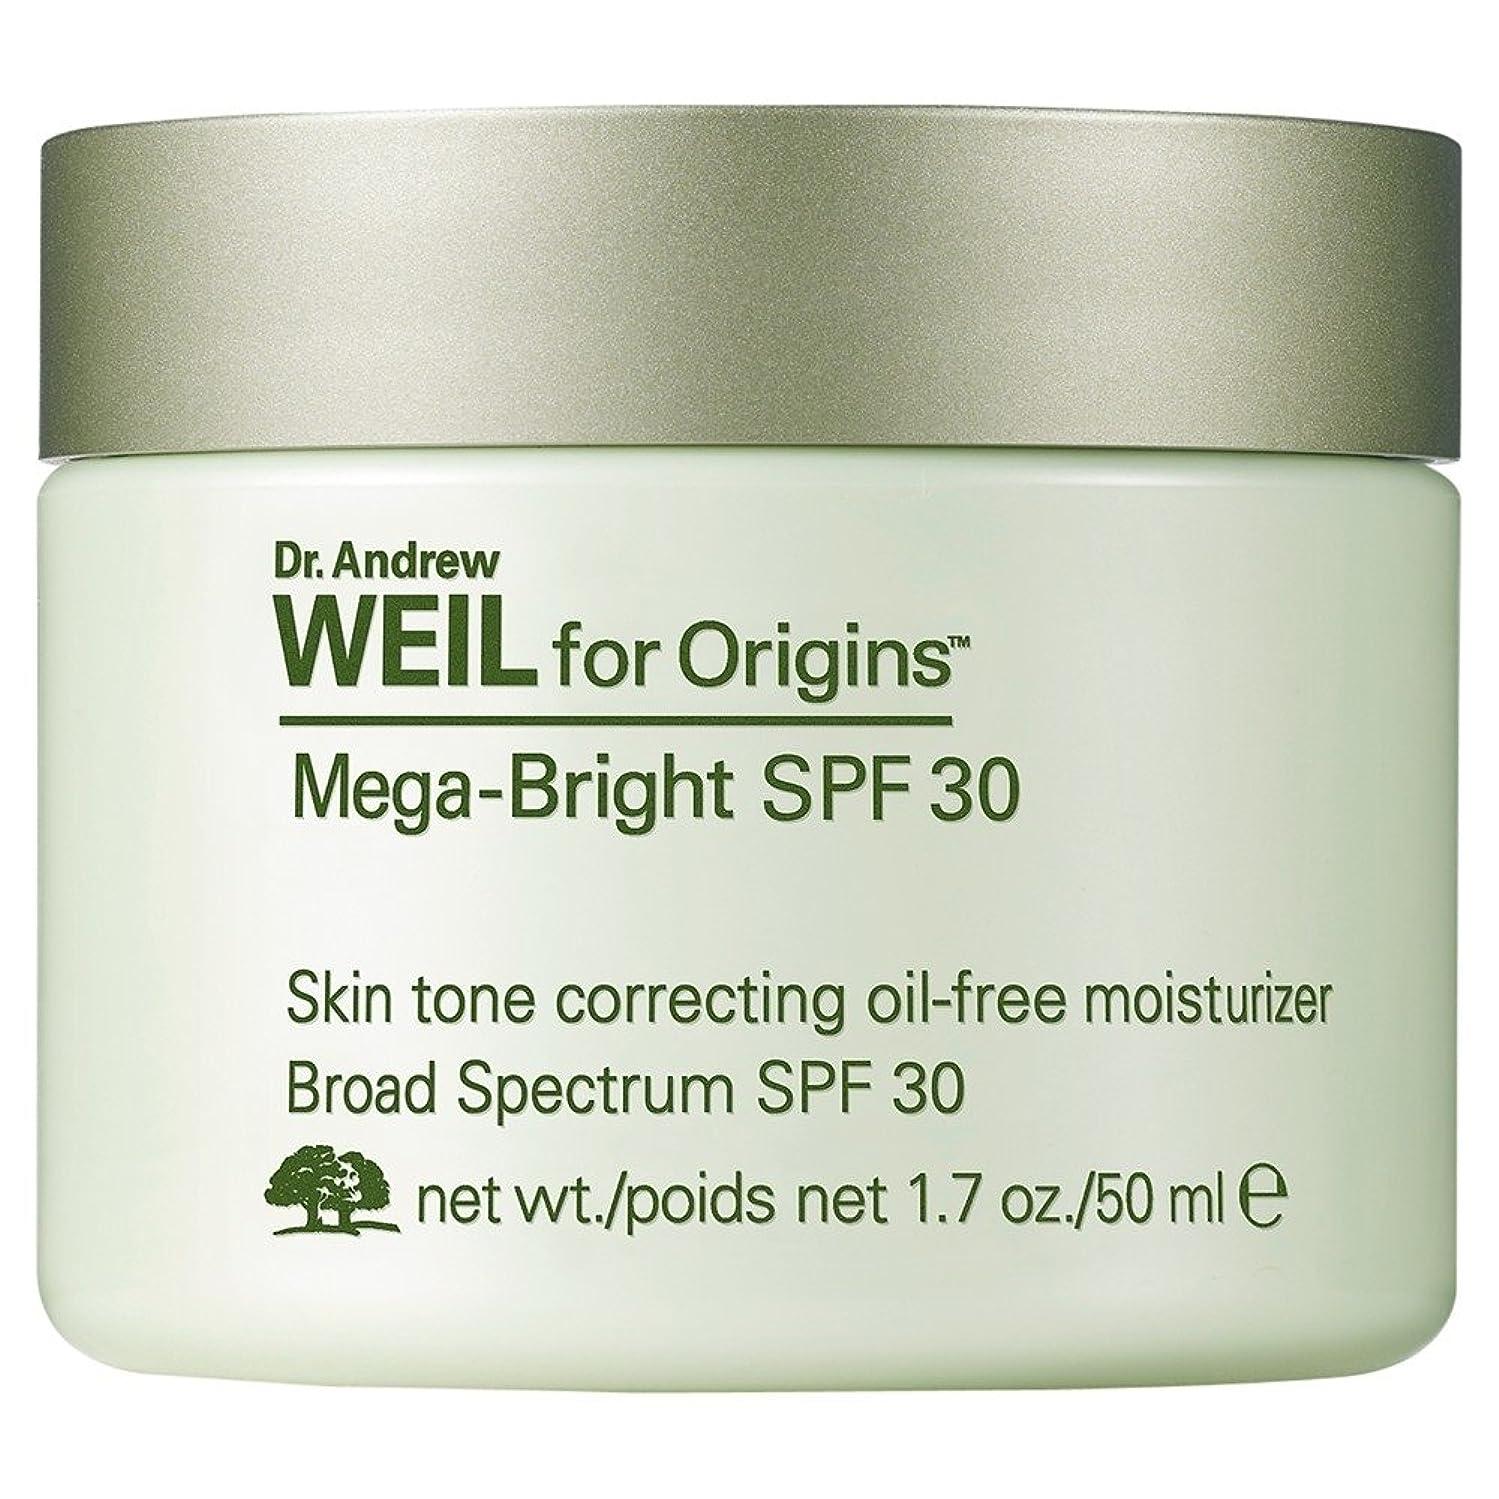 大佐マスタード販売計画Dr。保湿、50ミリリットルの補正アンドルー?ワイルメガブライトSpf30の肌のトーン (Origins) (x6) - Dr. Andrew Weil Mega-Bright SPF30 Skin Tone Correcting Moisturizer, 50ml (Pack of 6) [並行輸入品]